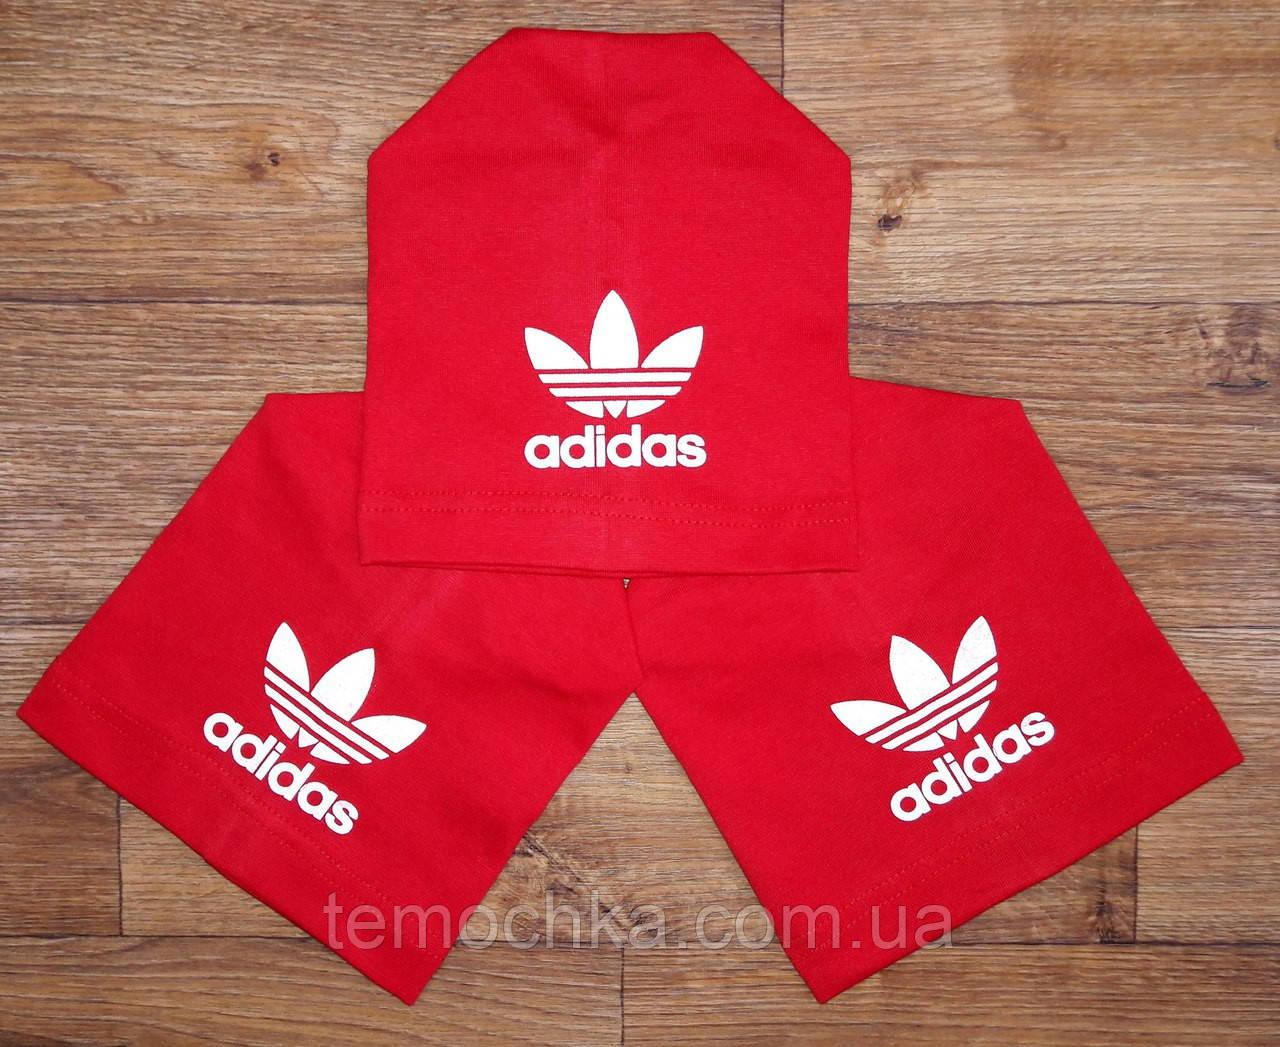 Шапка червона шапочка спортивна дитяча для хлопчика або дівчинки Адідас